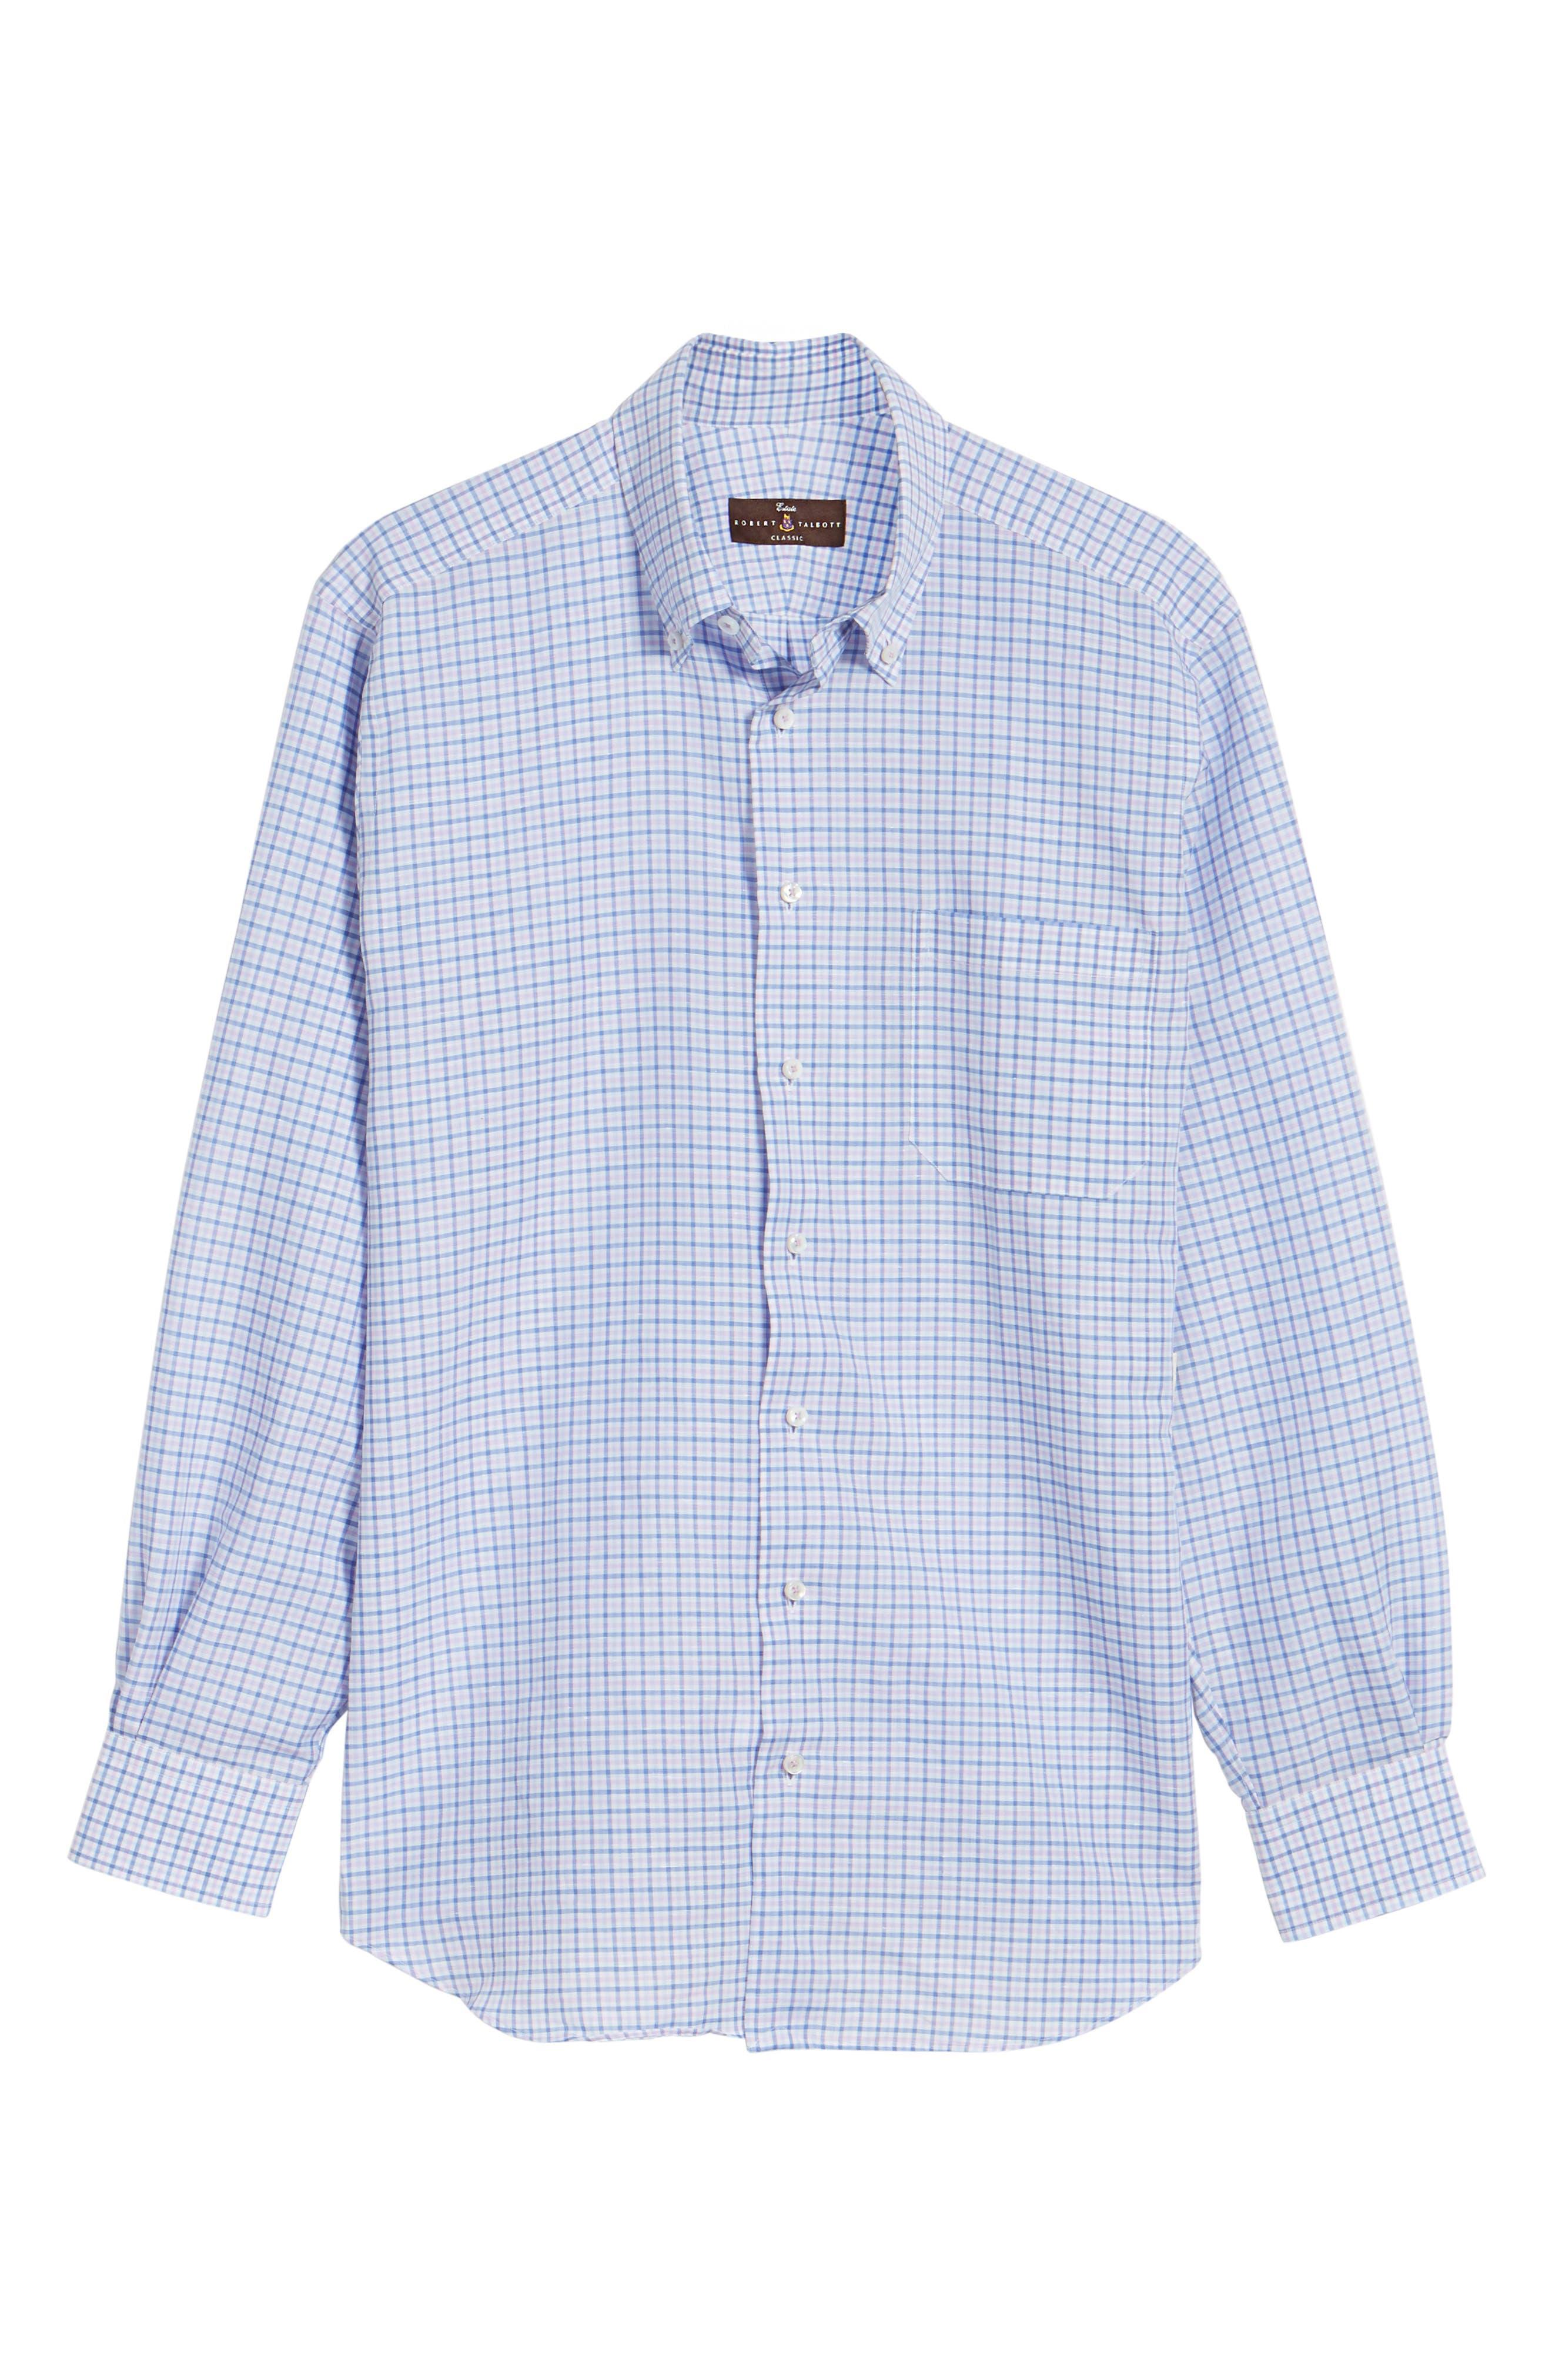 Estate Classic Fit Sport Shirt,                             Alternate thumbnail 6, color,                             540